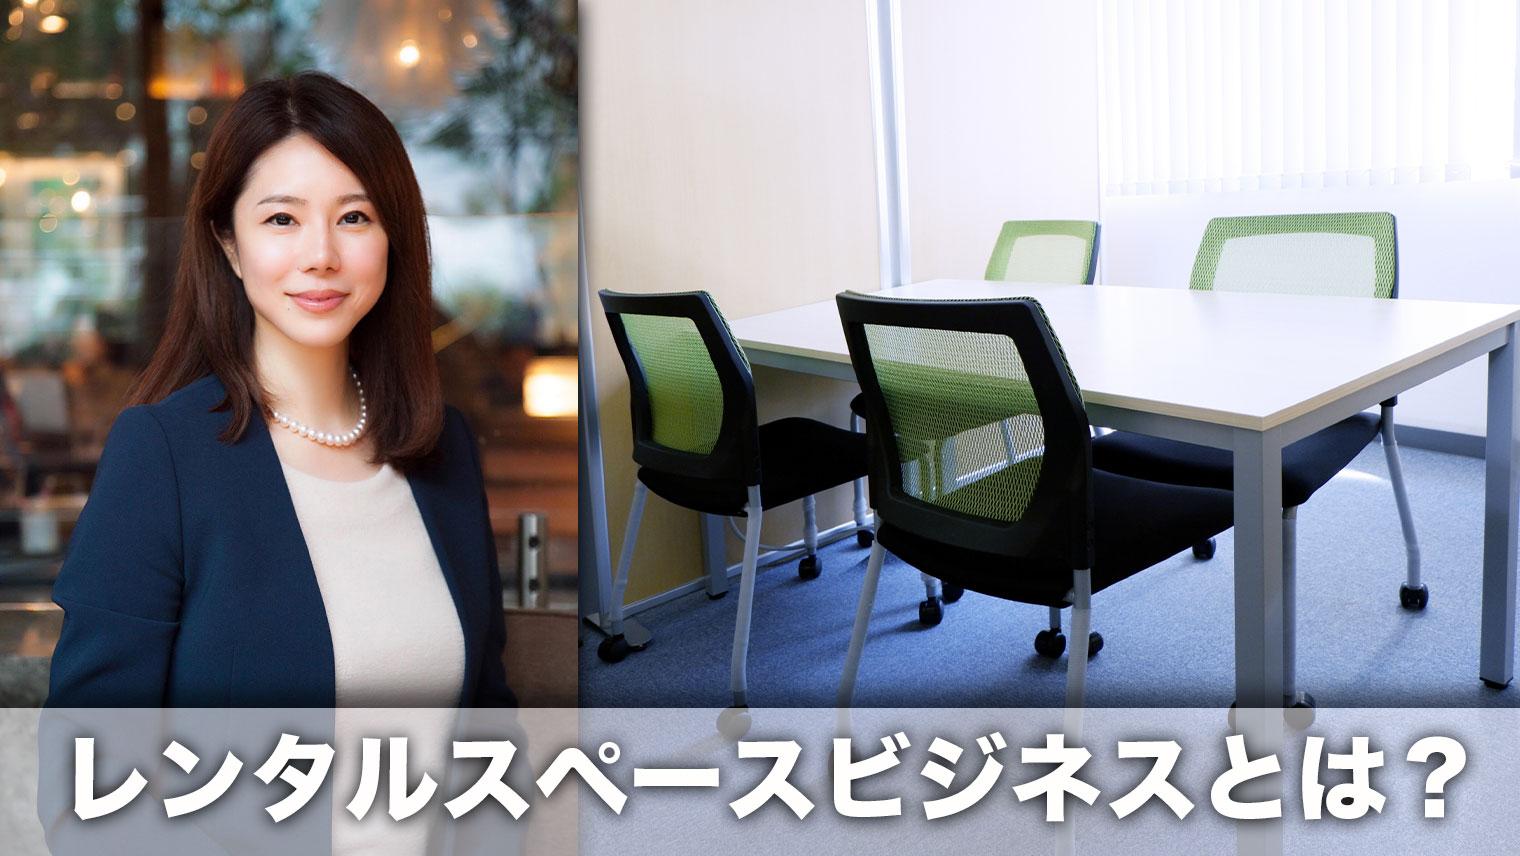 「レンタルスペースビジネスとは?若杉真里さんのセミナーで具体的な事業内容を聞いてみた」のアイキャッチ画像